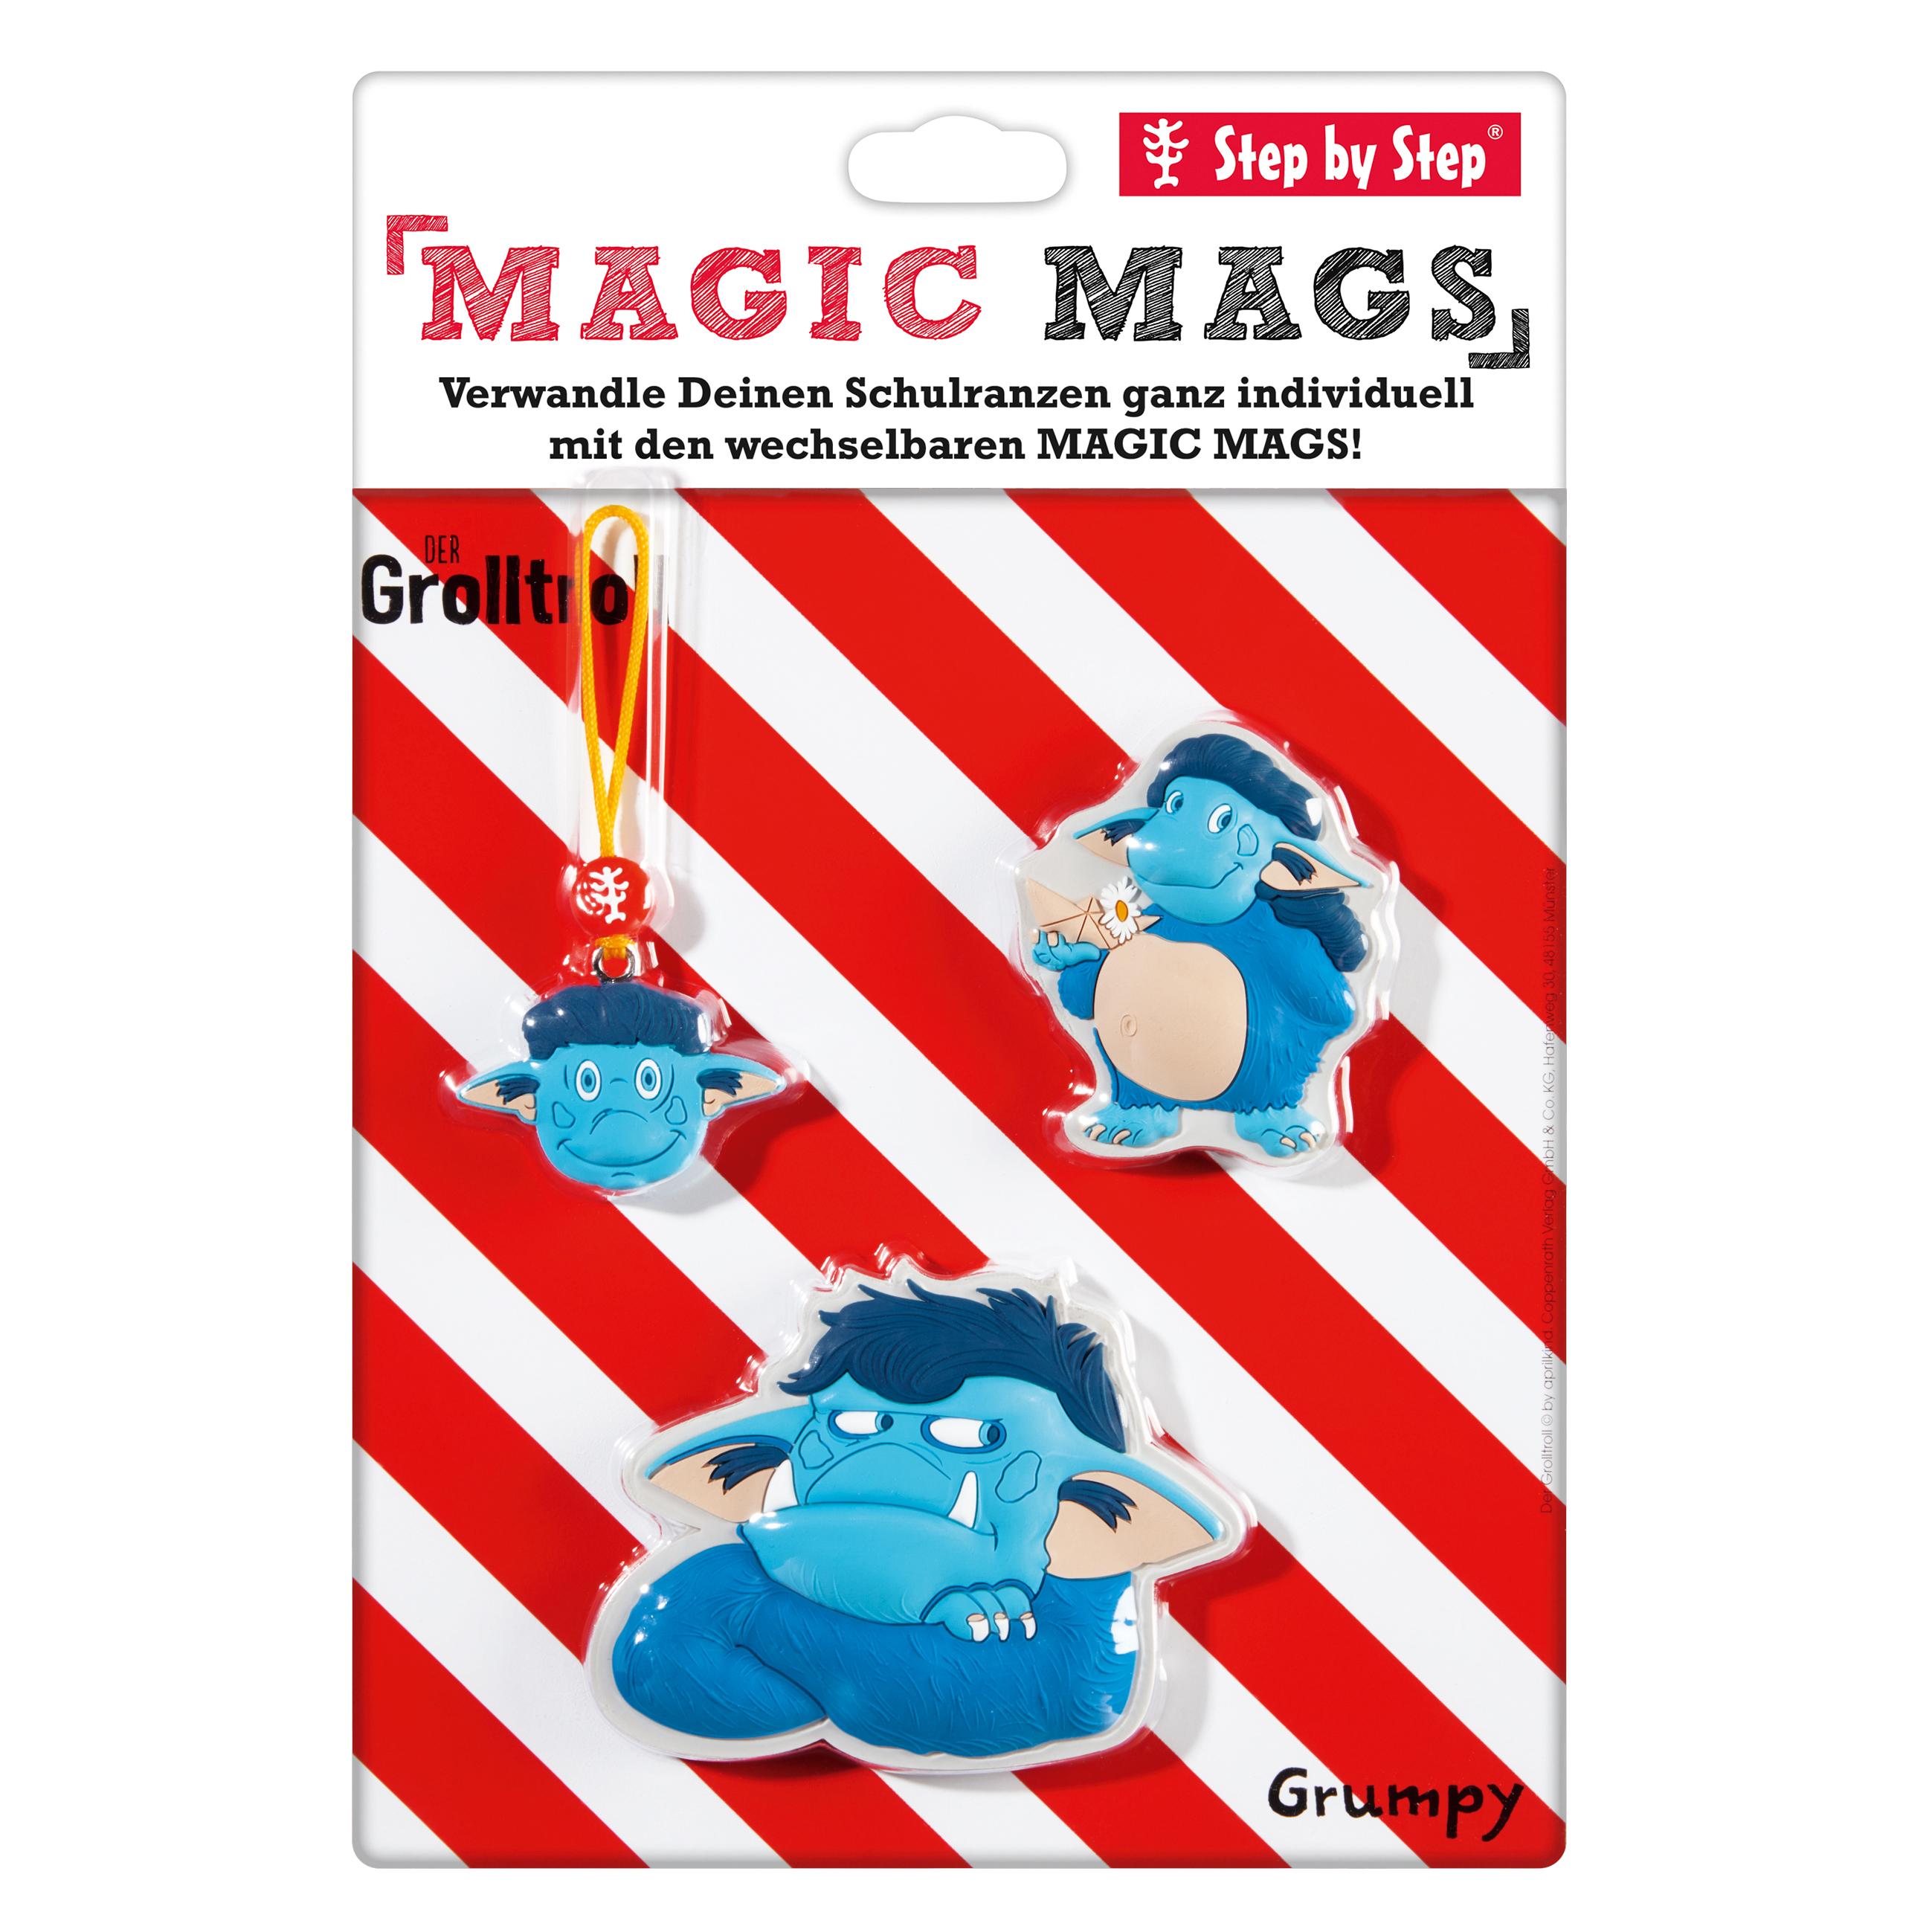 MAGIC MAGS Grolltroll (für Ranzen von Step by Step)